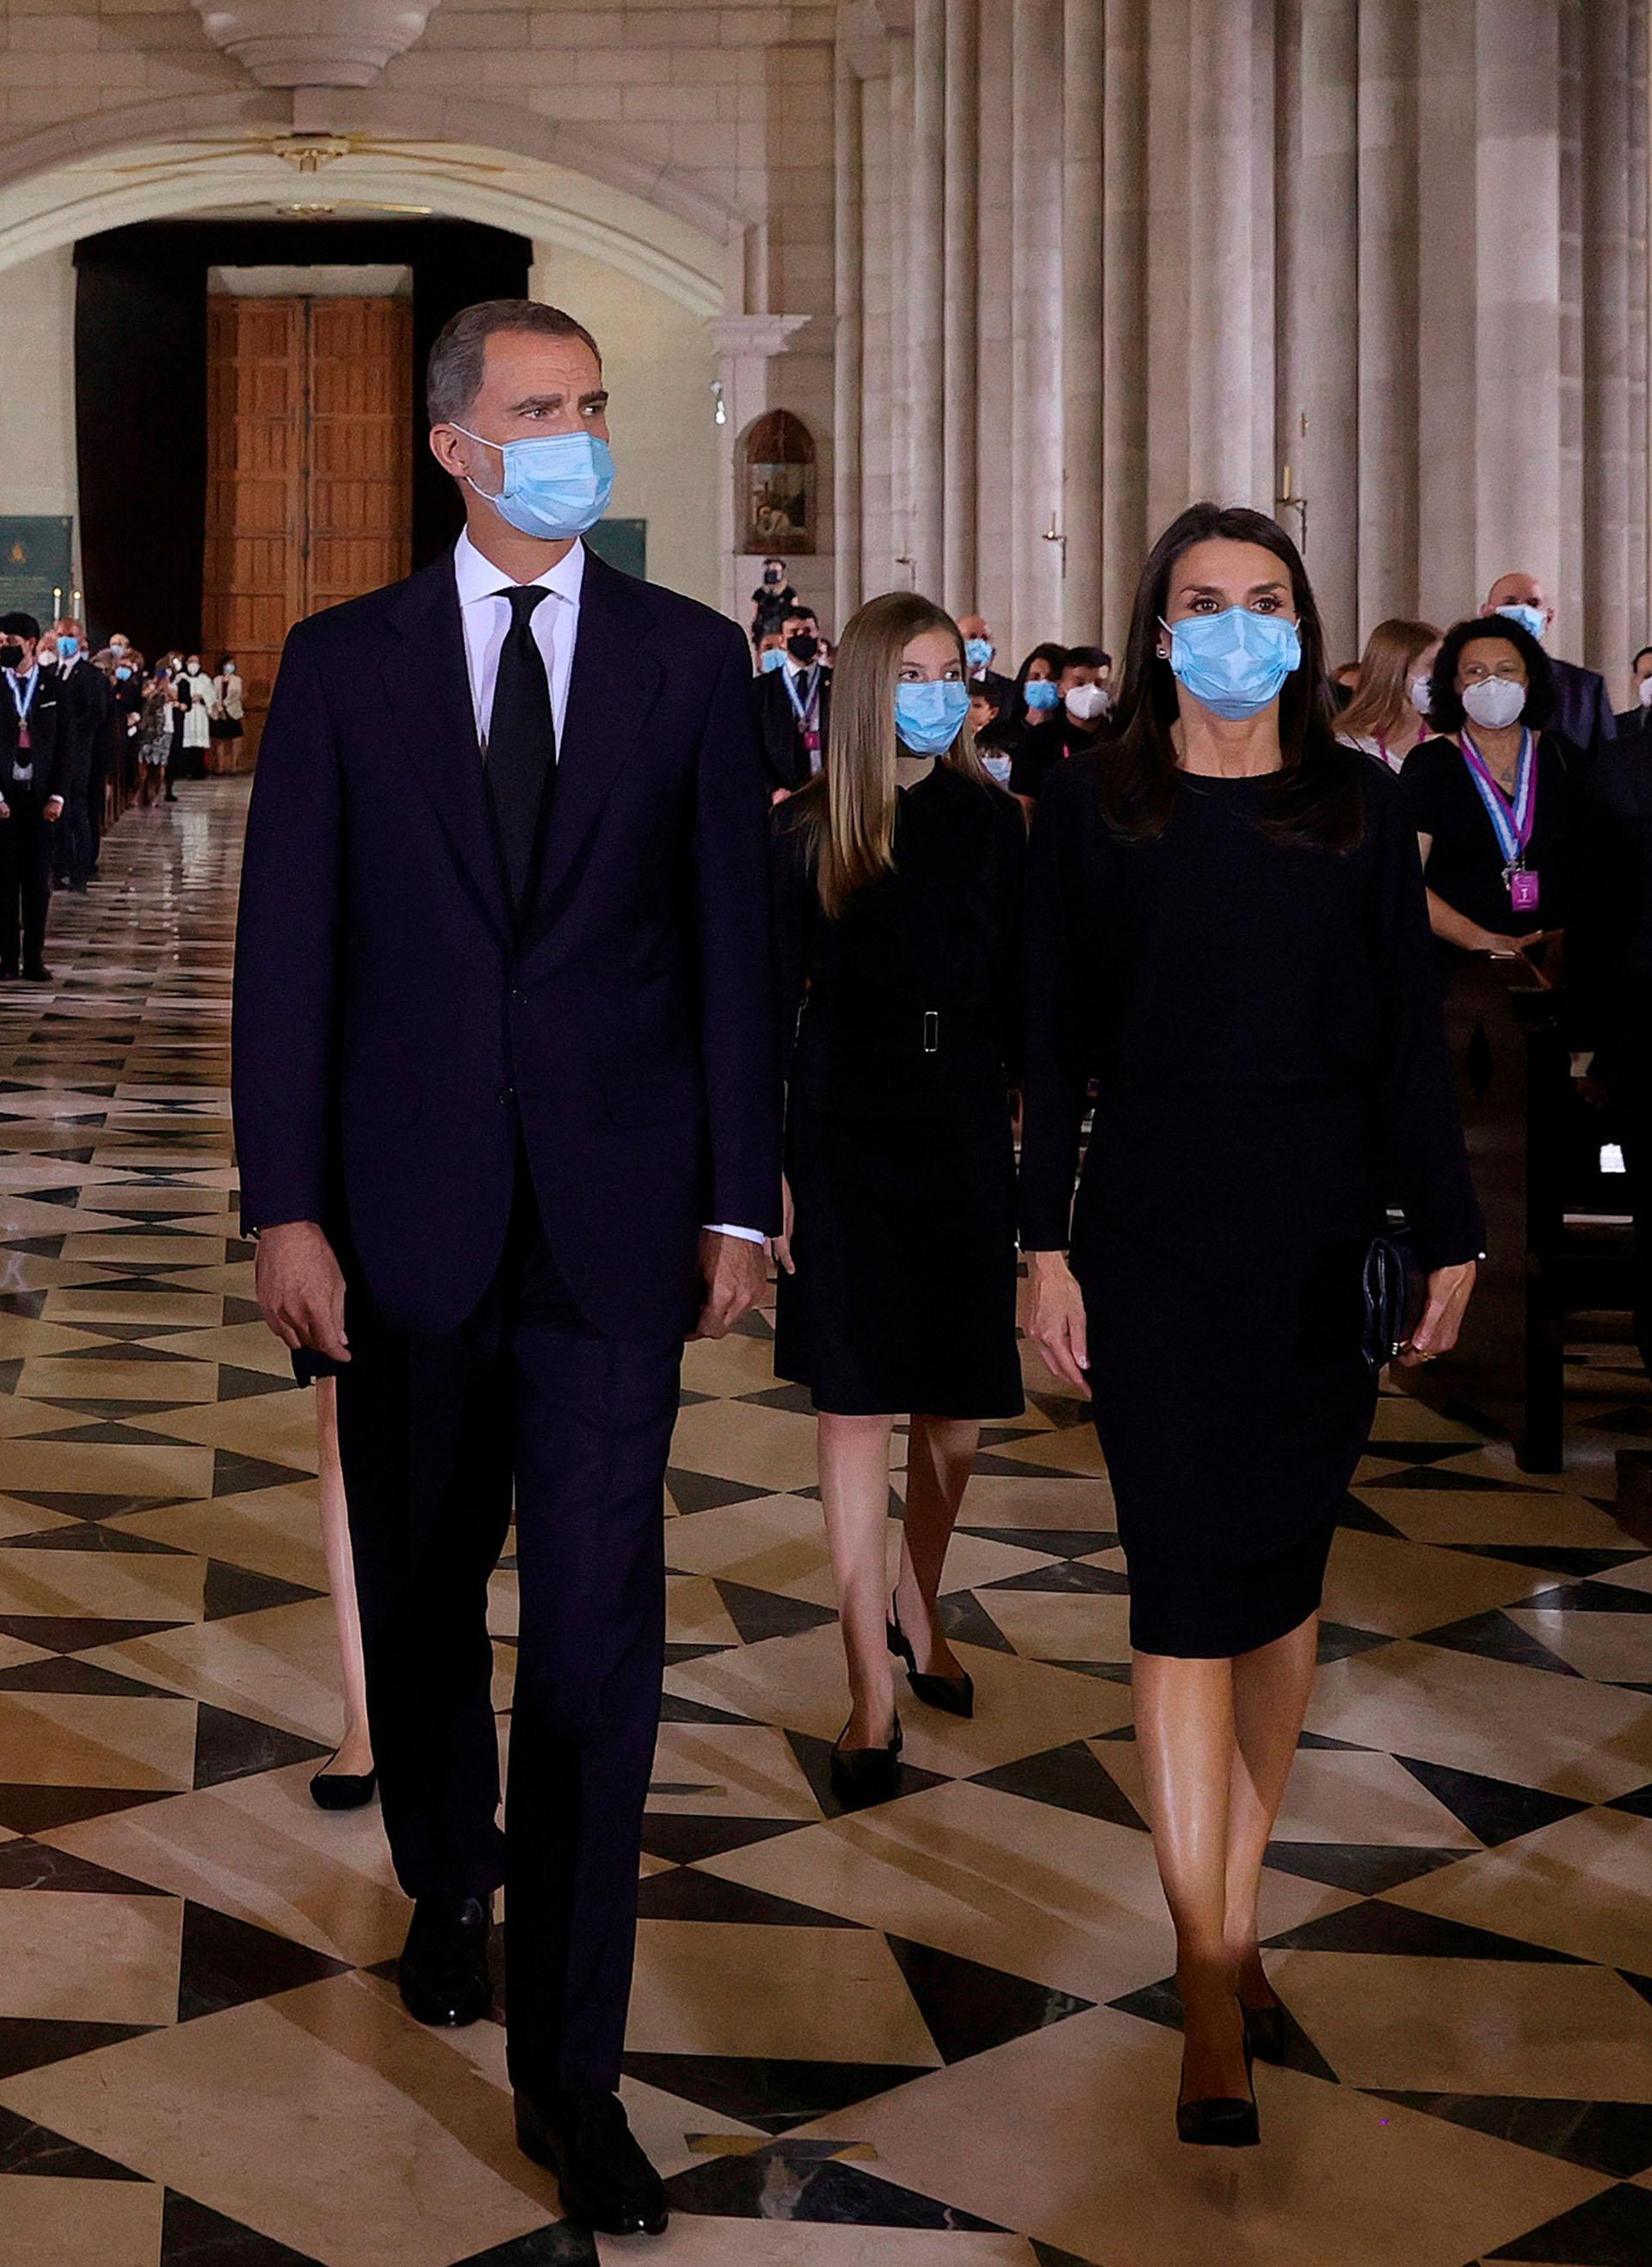 Los monarcas llegaron acompañados por sus dos hijas, las princesas Leonor y Sofía, quienes caminaron detrás de ellos